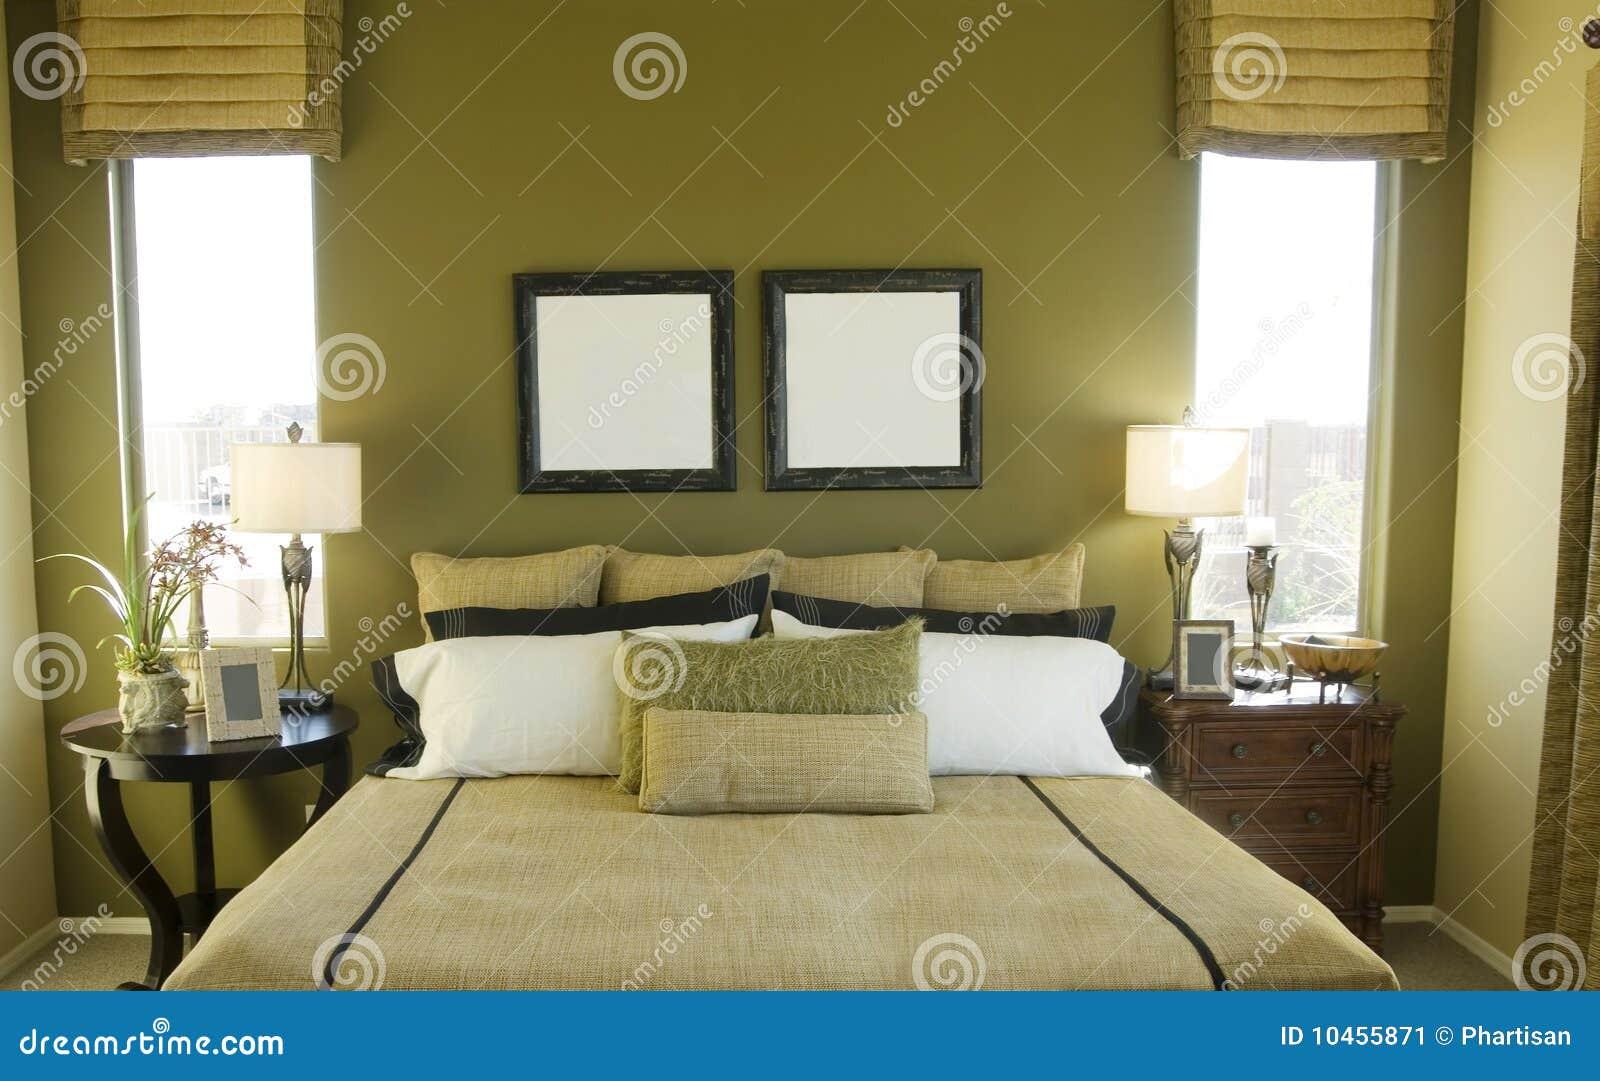 Dormitorio verde limpio moderno brillante imagen de - Dormitorio verde ...